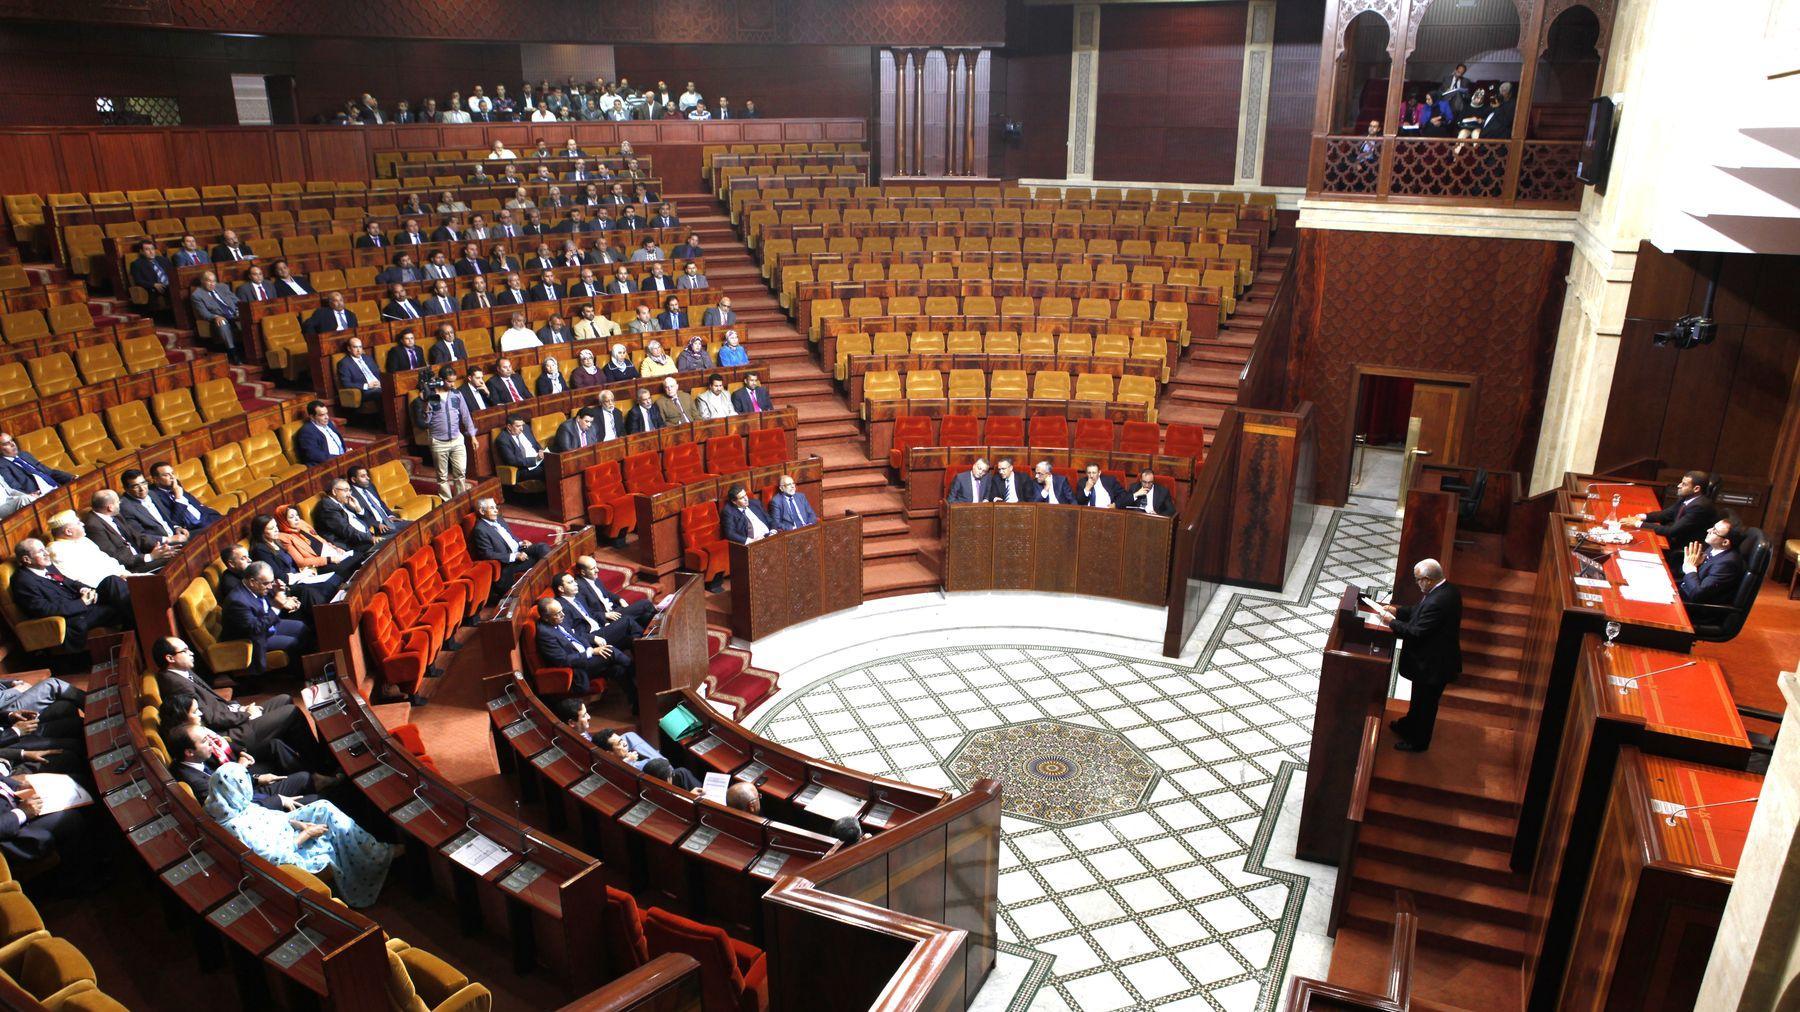 صورة مجلس النواب يعيد النظر في مهامه الاستطلاعية